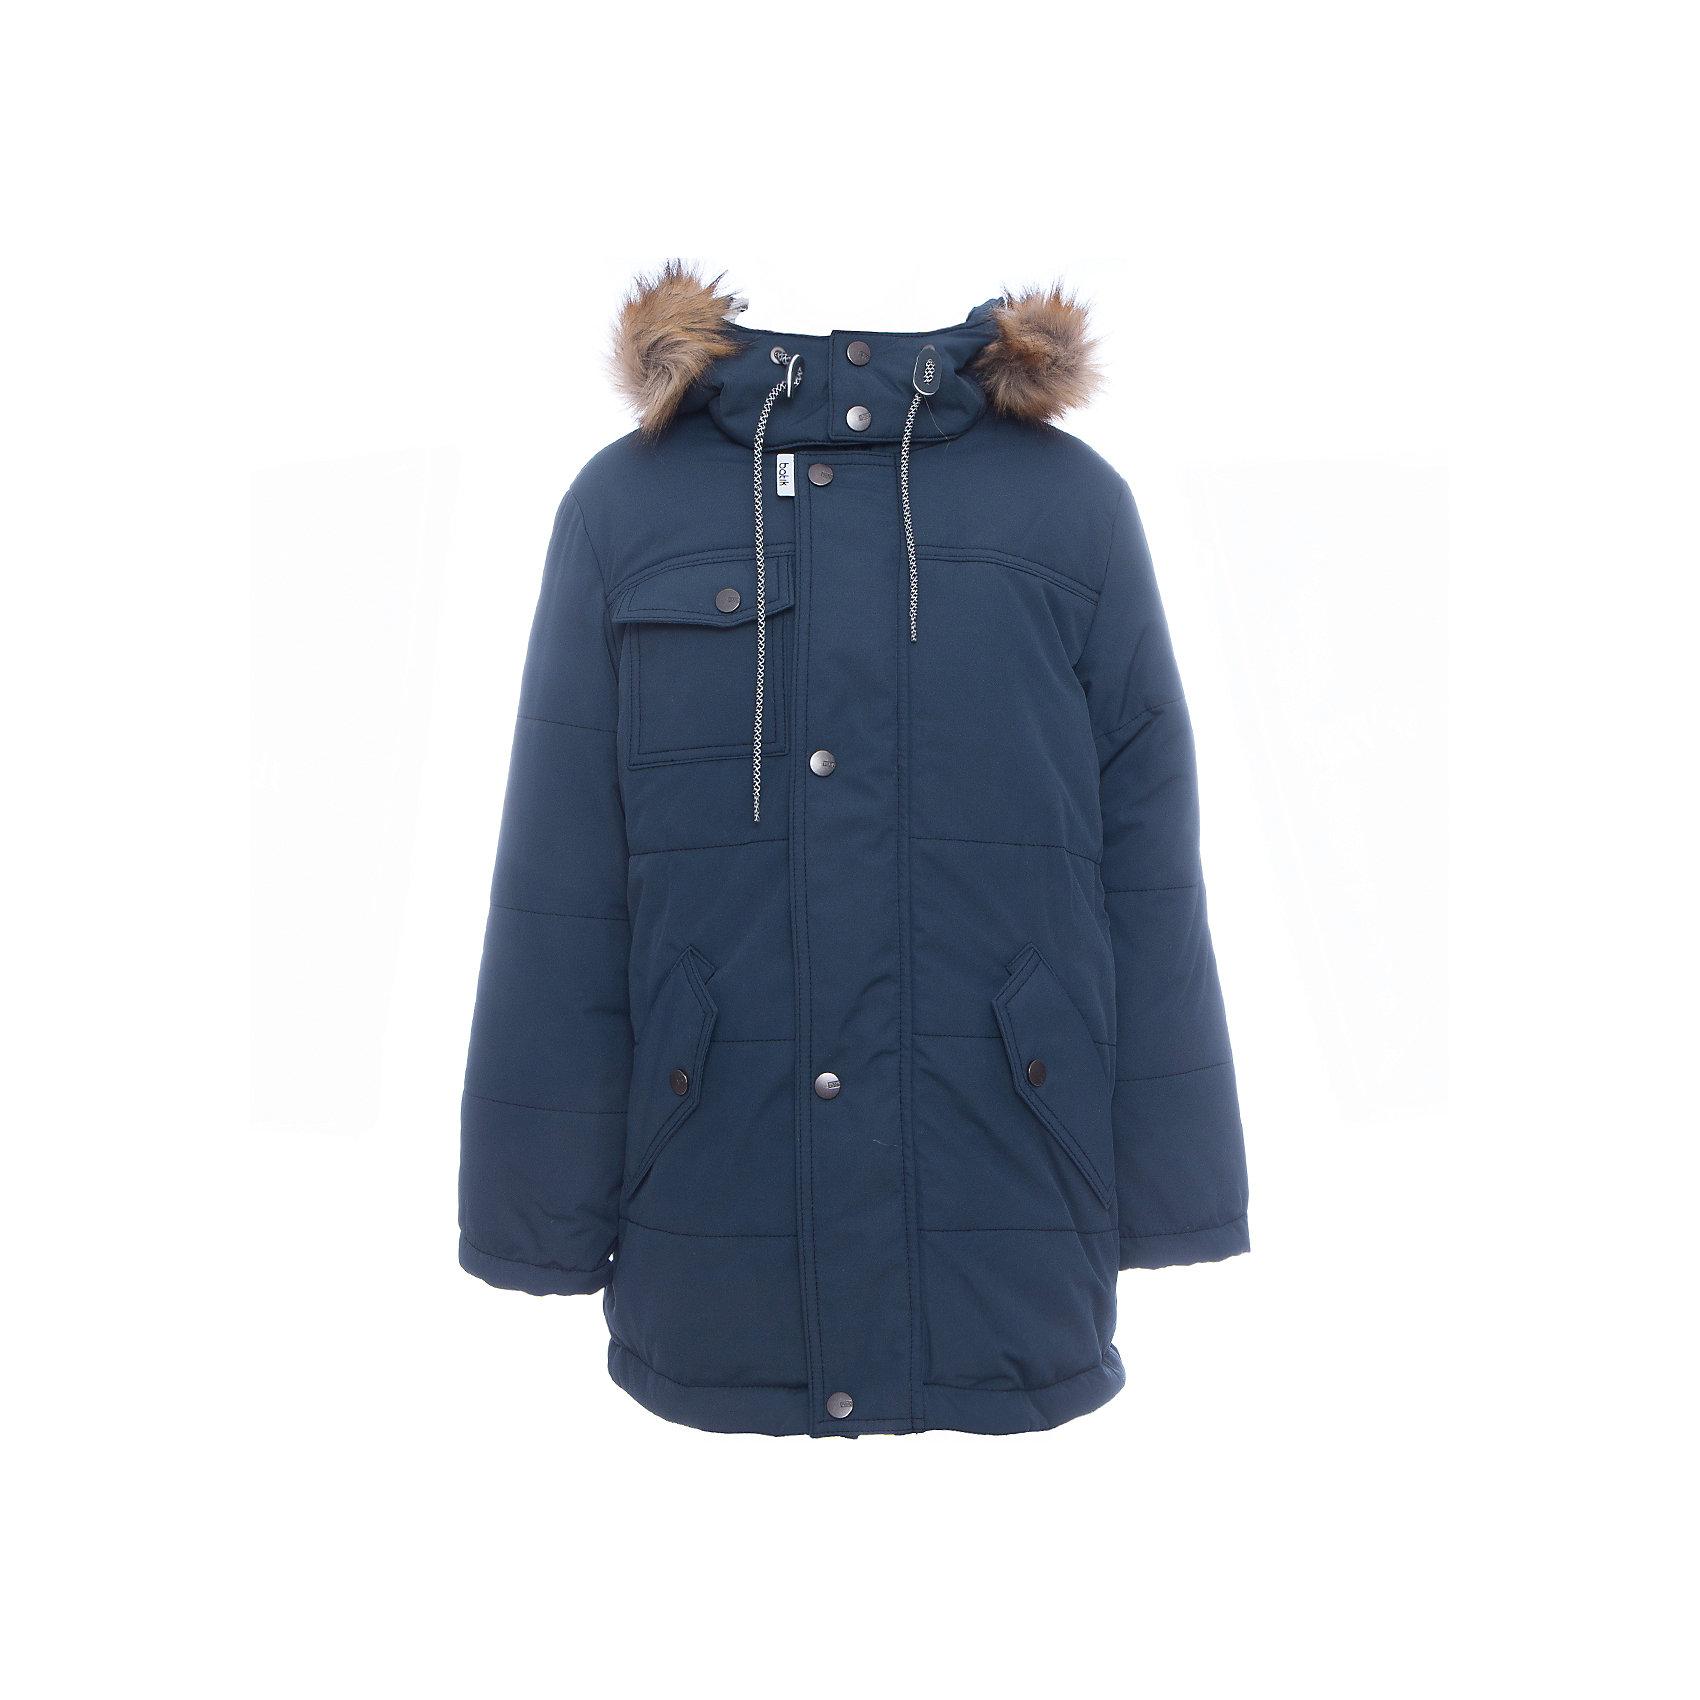 Куртка Лаки Batik для мальчикаВерхняя одежда<br>Характеристики товара:<br><br>• цвет: синий<br>• состав ткани: таслан<br>• подкладка: поларфлис<br>• утеплитель: слайтекс<br>• сезон: зима<br>• мембранное покрытие<br>• температурный режим: от -35 до 0<br>• водонепроницаемость: 5000 мм <br>• паропроницаемость: 5000 г/м2<br>• плотность утеплителя: 300 г/м2<br>• застежка: молния<br>• капюшон: с мехом, съемный<br>• страна бренда: Россия<br>• страна изготовитель: Россия<br><br>Мембранное покрытие детской куртки не задерживает воздух, при этом - надежная защита от влаги, ветра и холода. Модная куртка Batik для мальчика рассчитана даже на сильные морозы. Зимняя куртка от бренда Batik создана с учетом последних тенденций в молодежной моде. Одновременно эта детская куртка теплая и удобная. <br><br>Куртку Лаки Batik (Батик) для мальчика можно купить в нашем интернет-магазине.<br><br>Ширина мм: 356<br>Глубина мм: 10<br>Высота мм: 245<br>Вес г: 519<br>Цвет: темно-синий<br>Возраст от месяцев: 120<br>Возраст до месяцев: 132<br>Пол: Мужской<br>Возраст: Детский<br>Размер: 146,128,134,140<br>SKU: 7028434